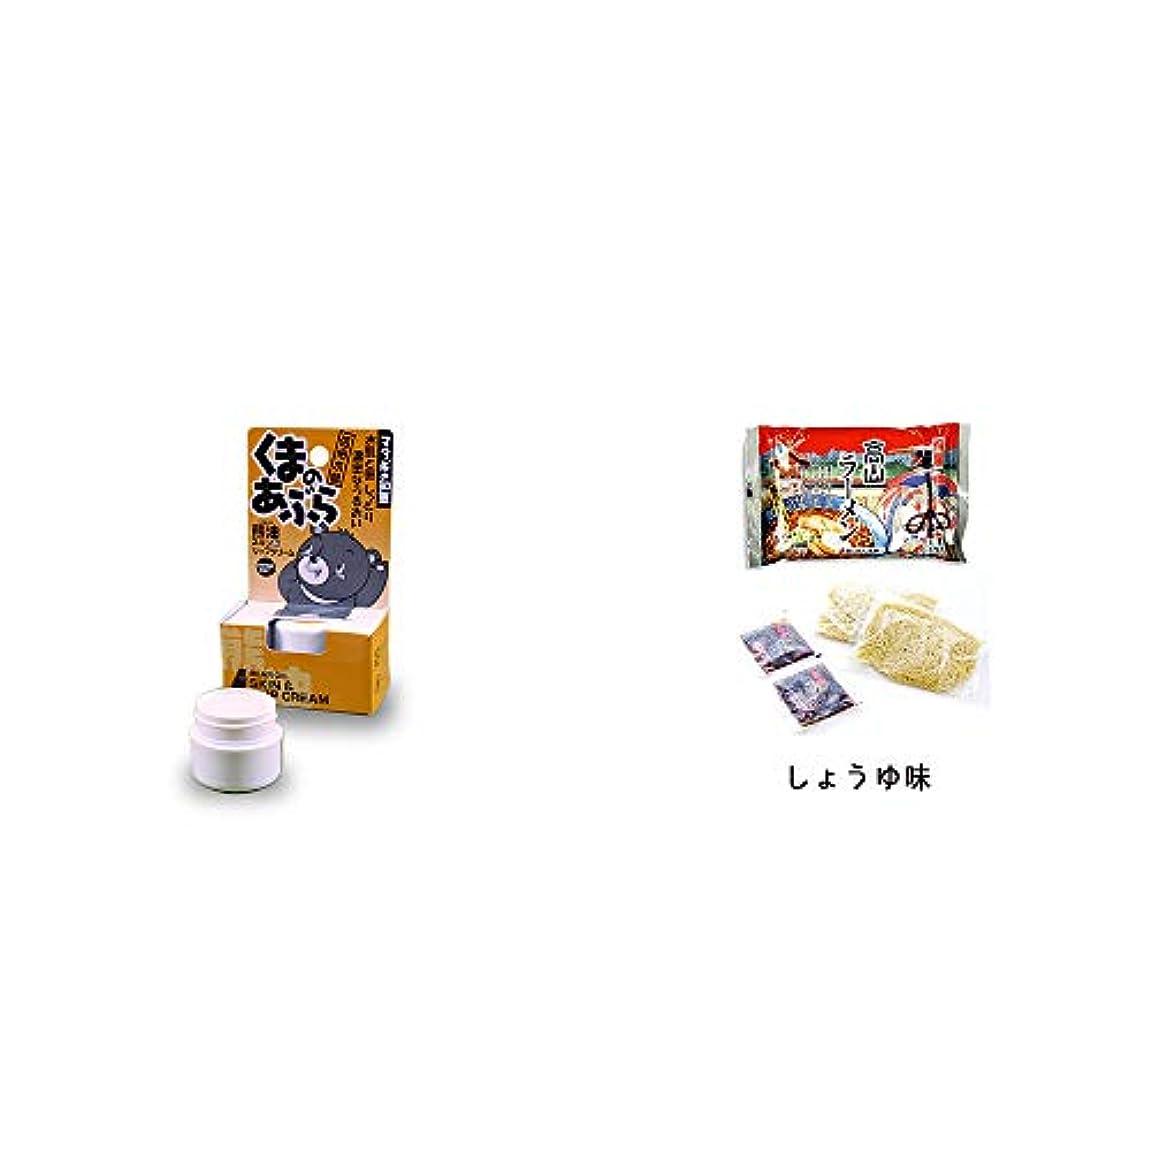 放棄マント電気陽性[2点セット] 信州木曽 くまのあぶら 熊油スキン&リップクリーム(9g)?飛騨高山ラーメン[生麺?スープ付 (しょうゆ味)]